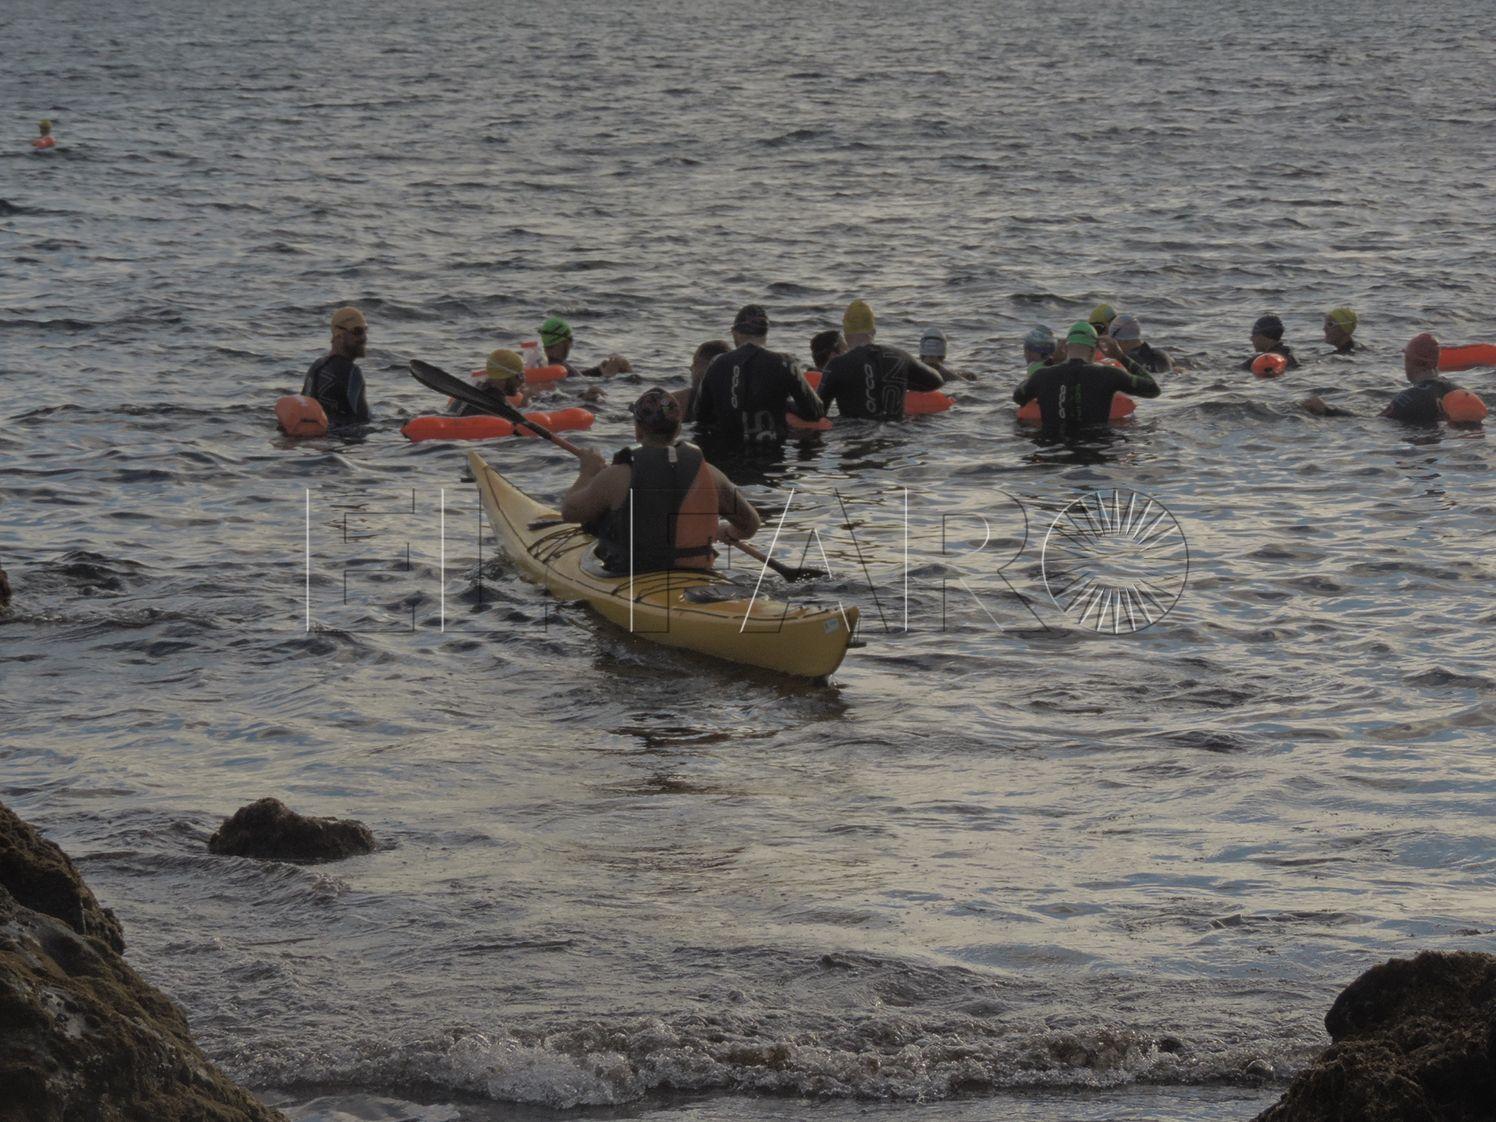 Abiertas las inscripciones para participar en la 'VII Vuelta al Hacho' de aguas abiertas